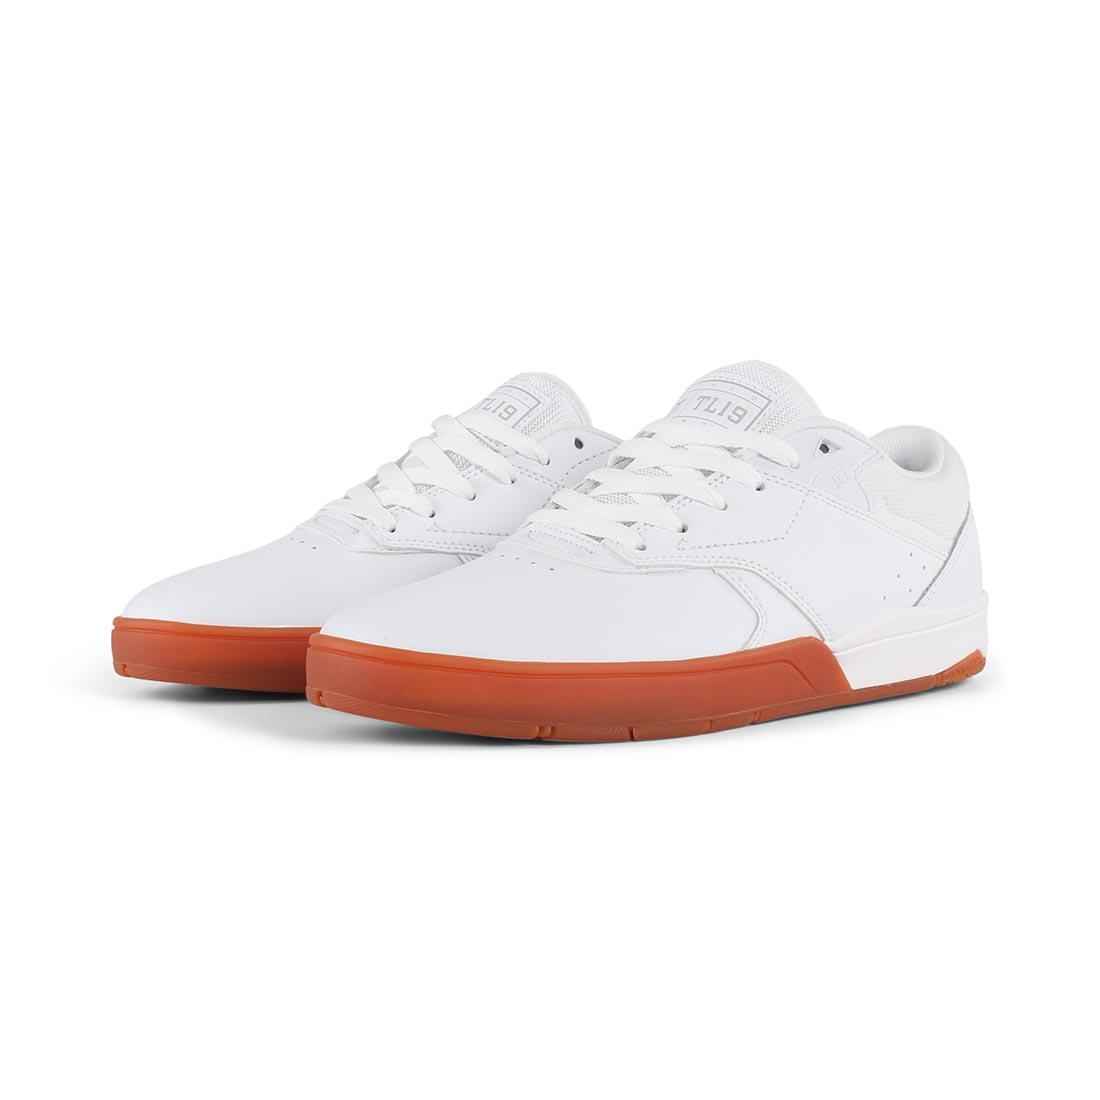 DC Shoes Tiago S – White / Gum